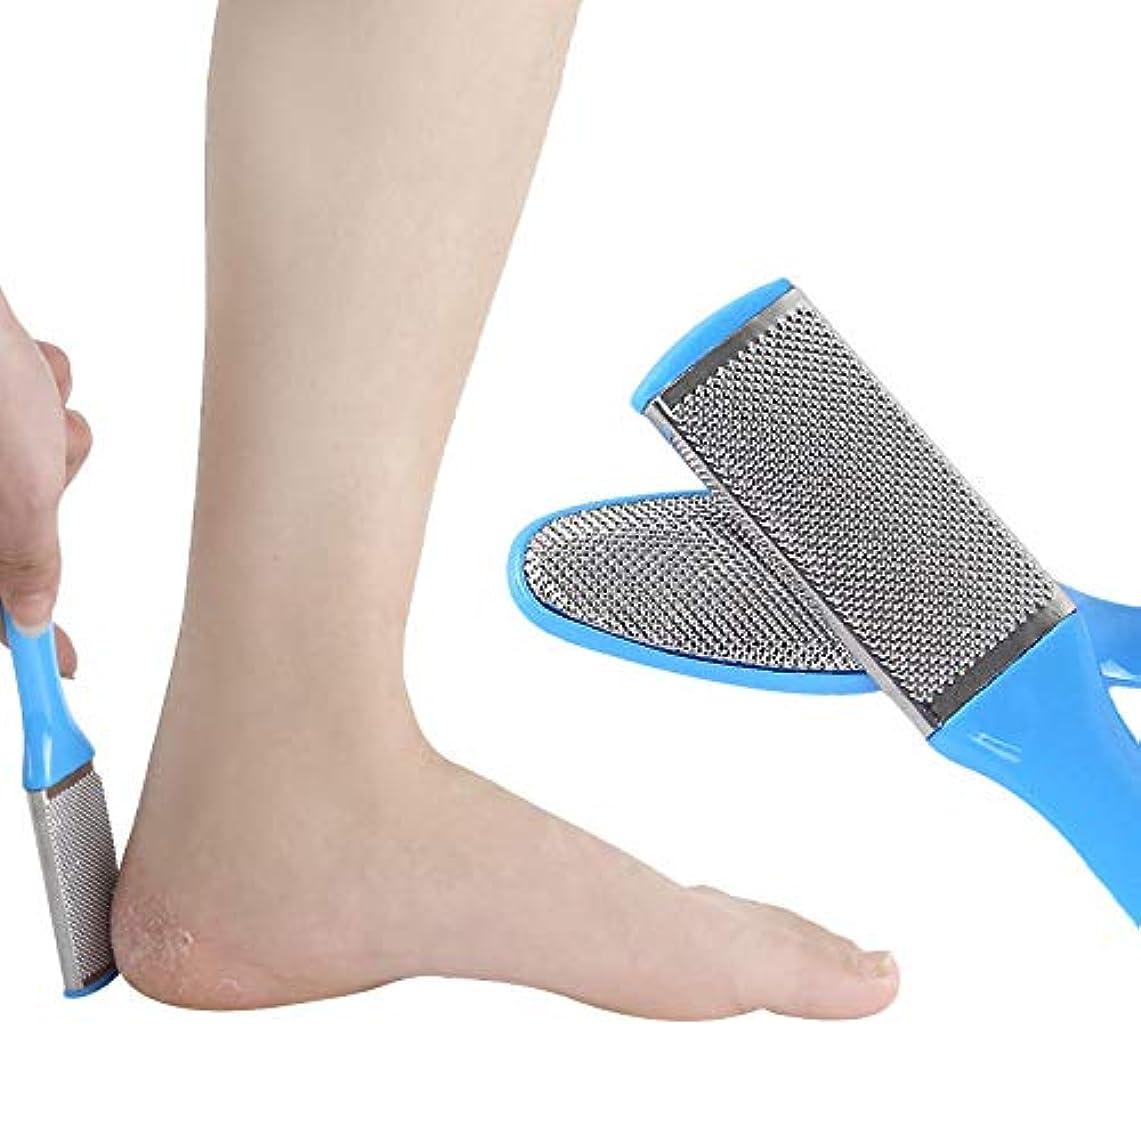 ソブリケット政治家の痴漢yuio 男性用女性用ペディキュアセット8個フットファイルフットラスプ乾いた足と濡れた足に最適なカルスリムーバー、角質除去、ハードスキン、外科用グレードのステンレスファイル